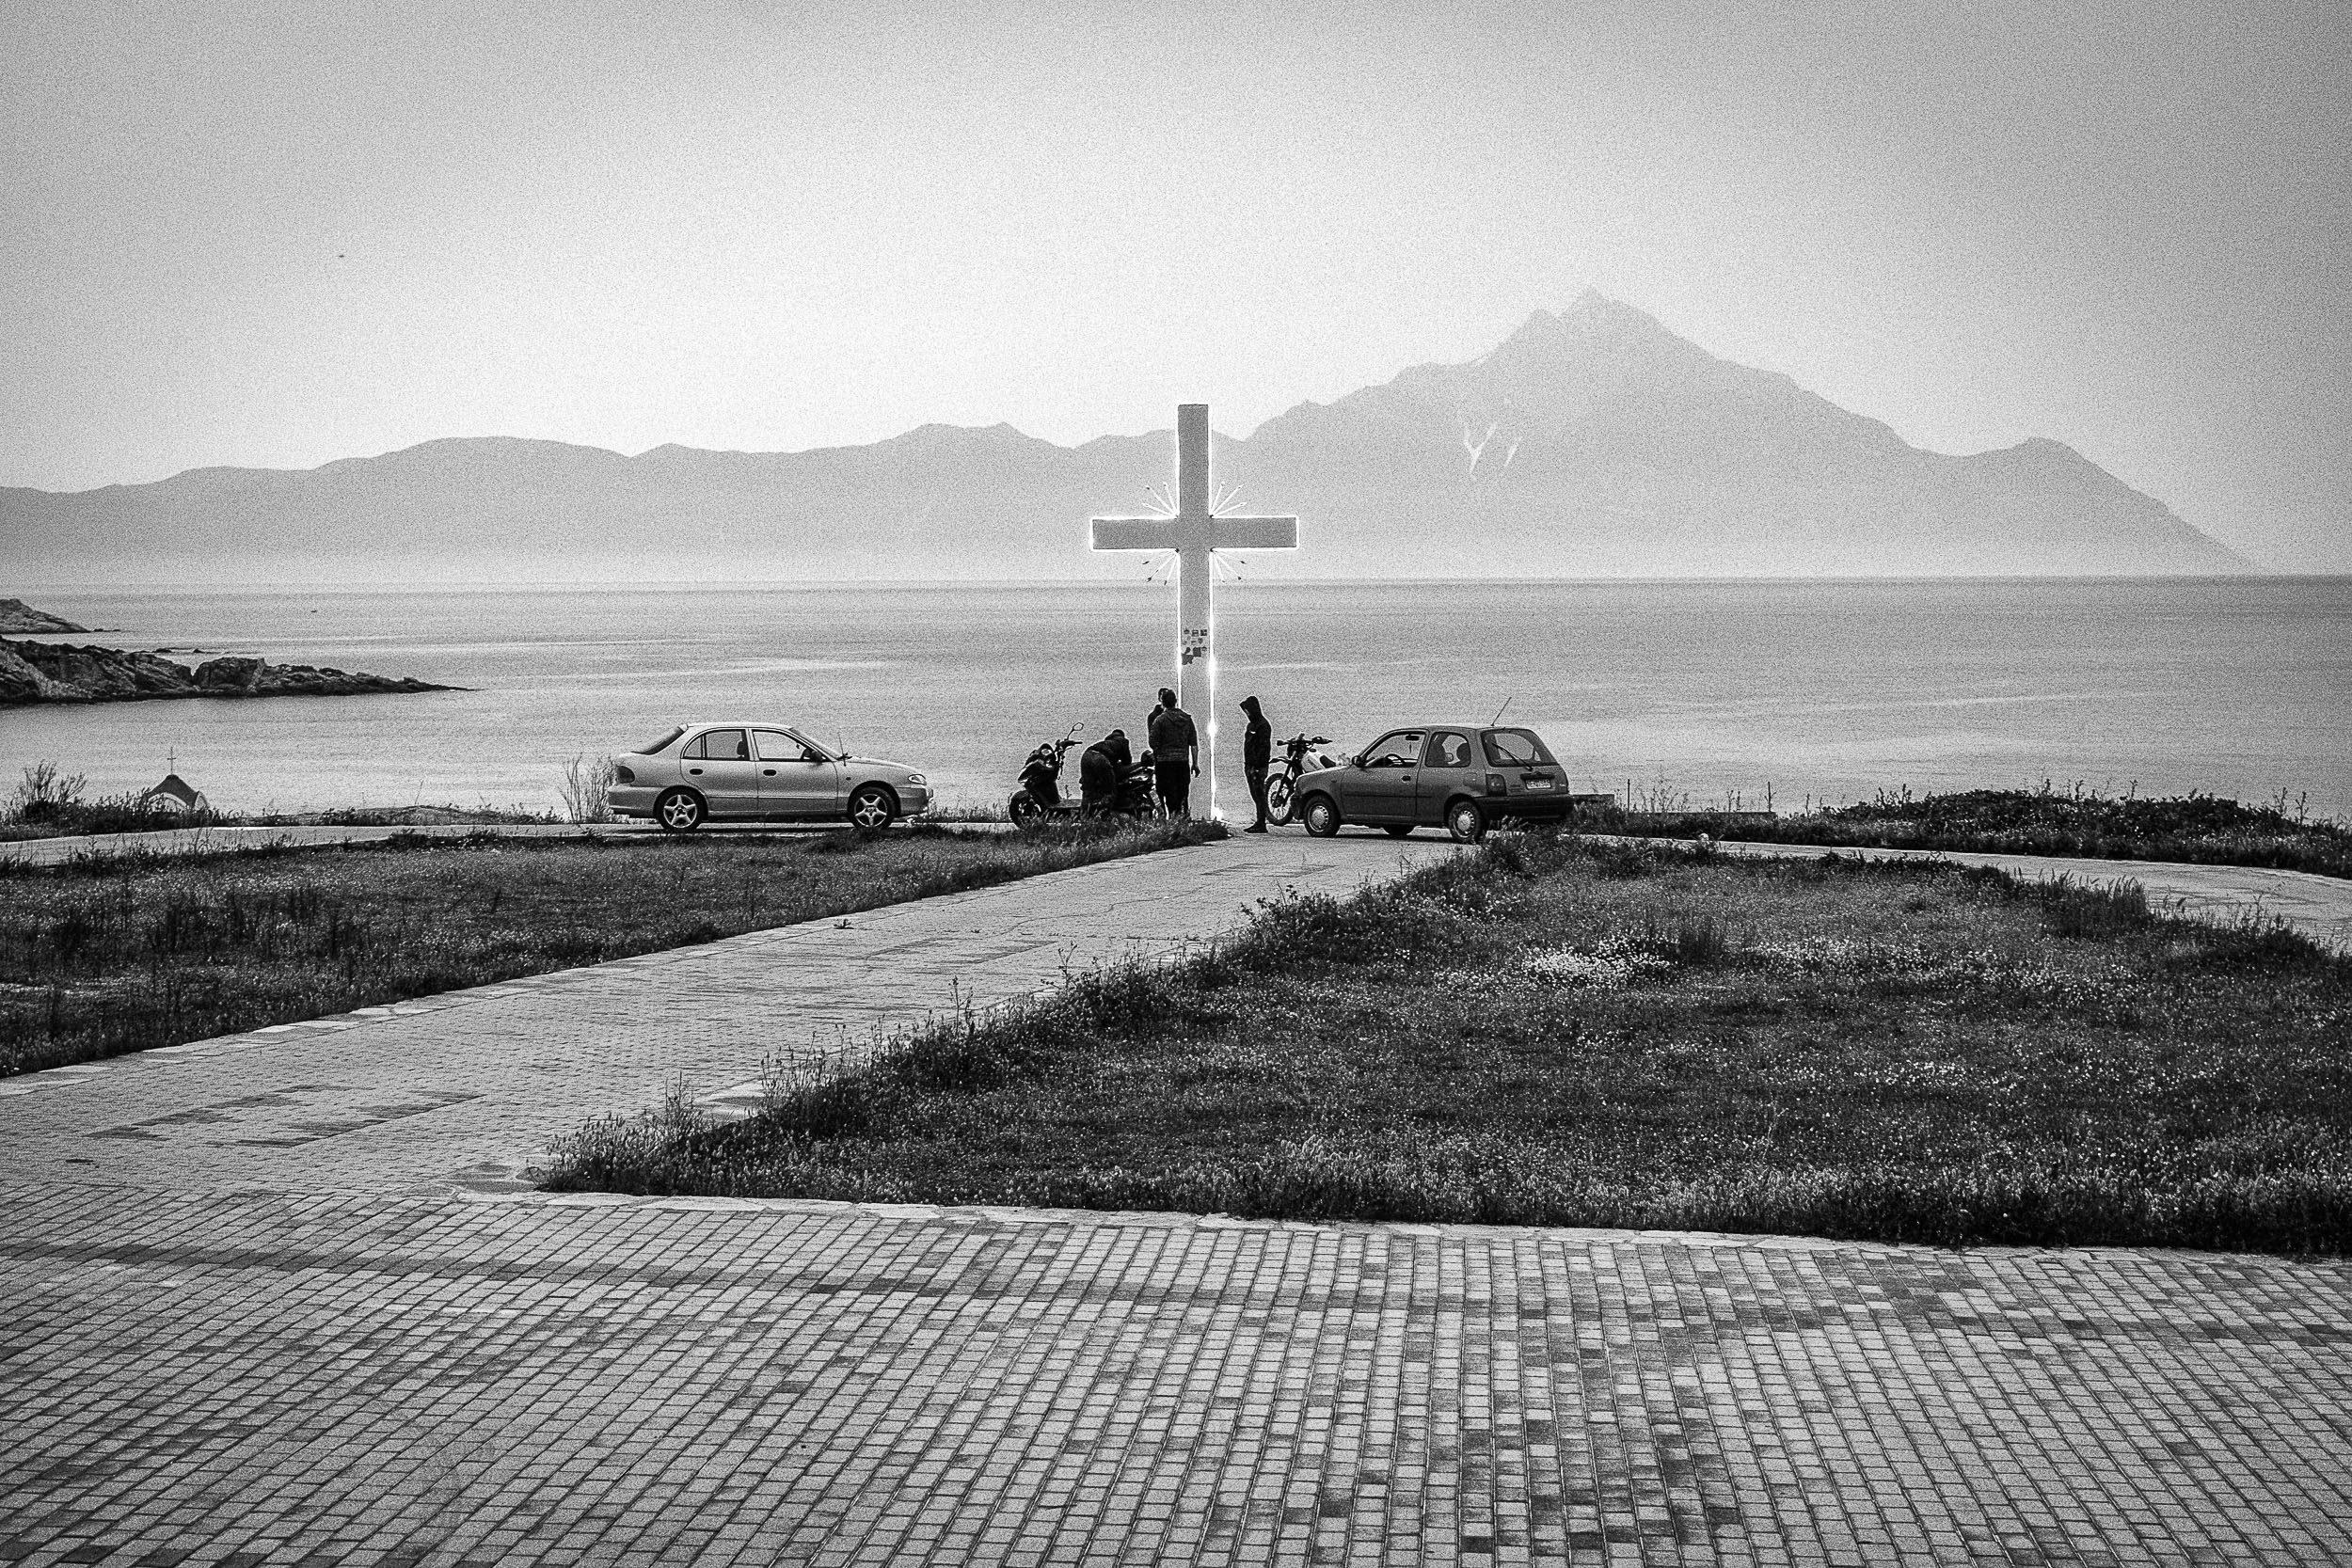 Sartí mit Blick auf den Berg Athos